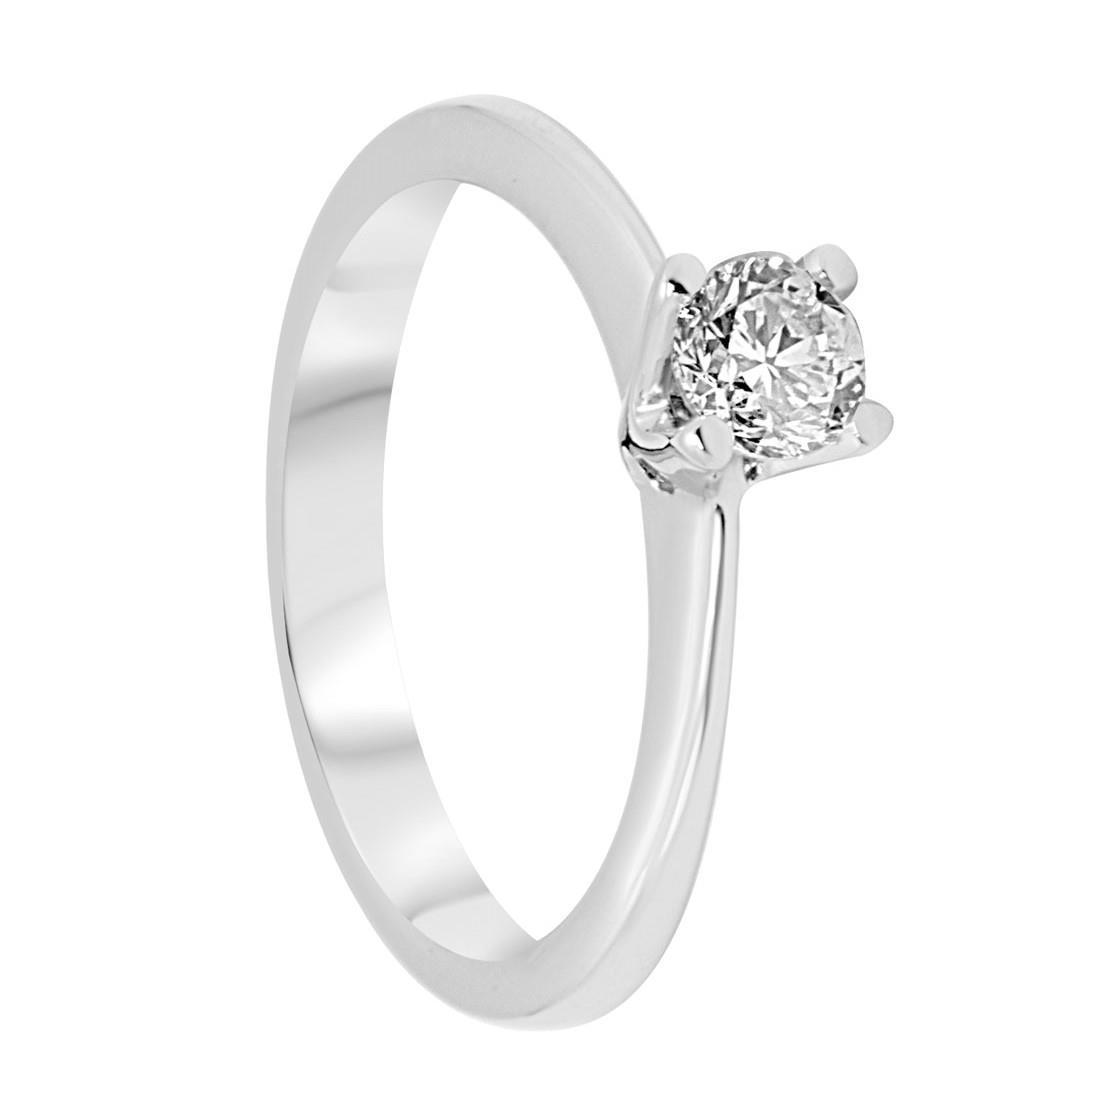 Anello solitario in oro bianco con diamanti 0,36 ct mis 13 - ALFIERI & ST. JOHN